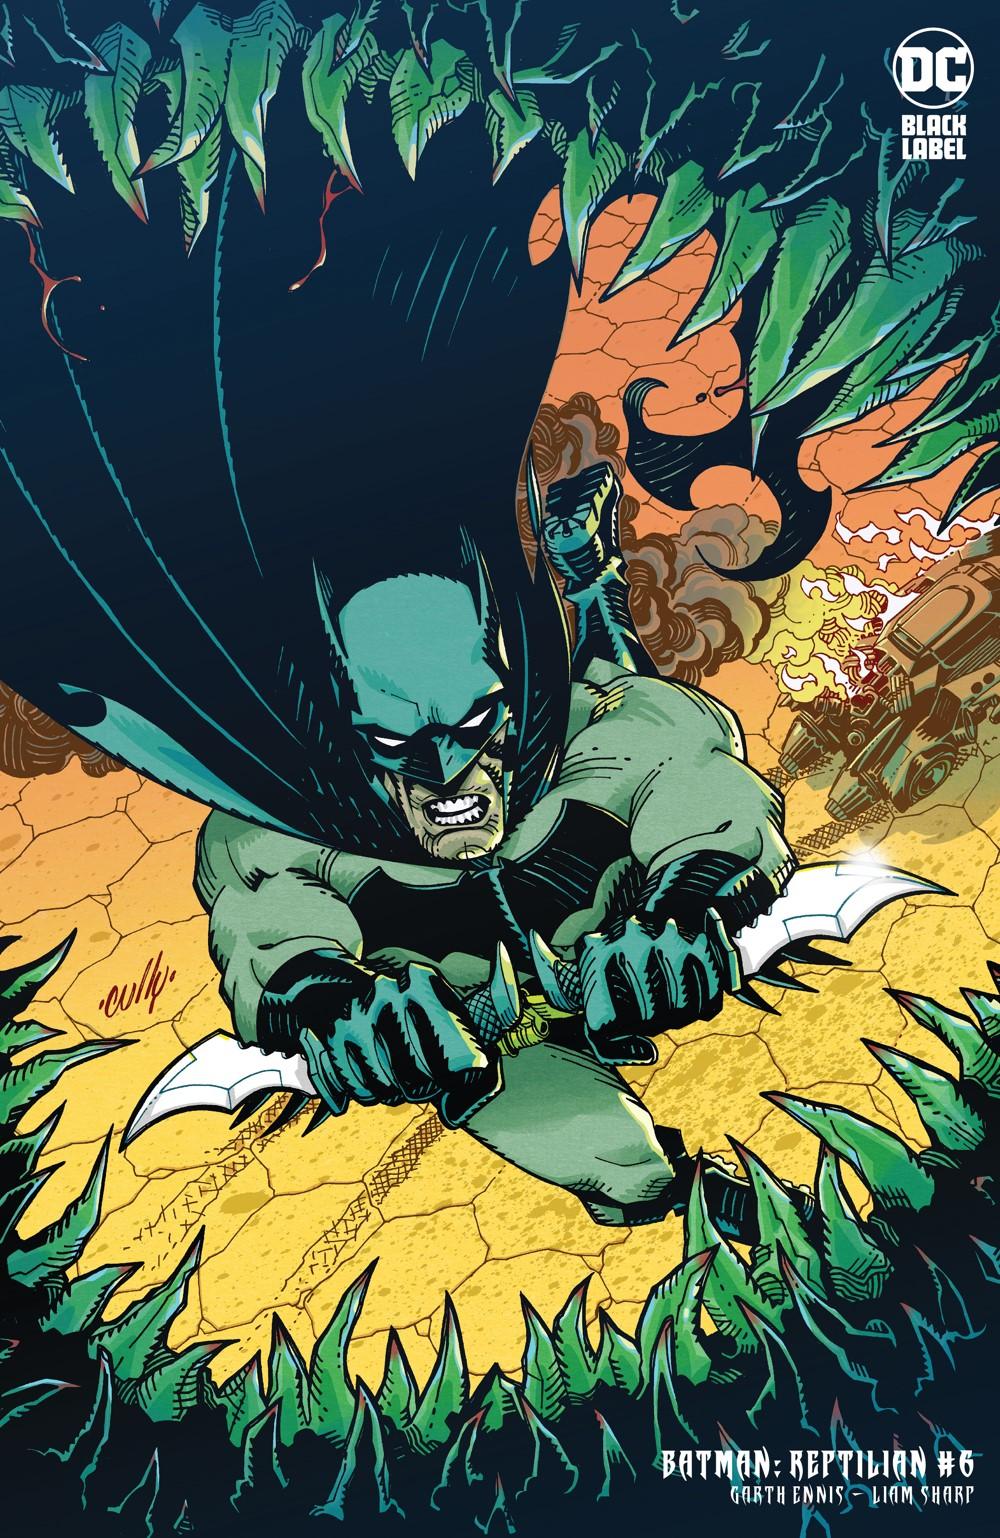 BM_REPT_Cv6_var_00621 DC Comics November 2021 Solicitations